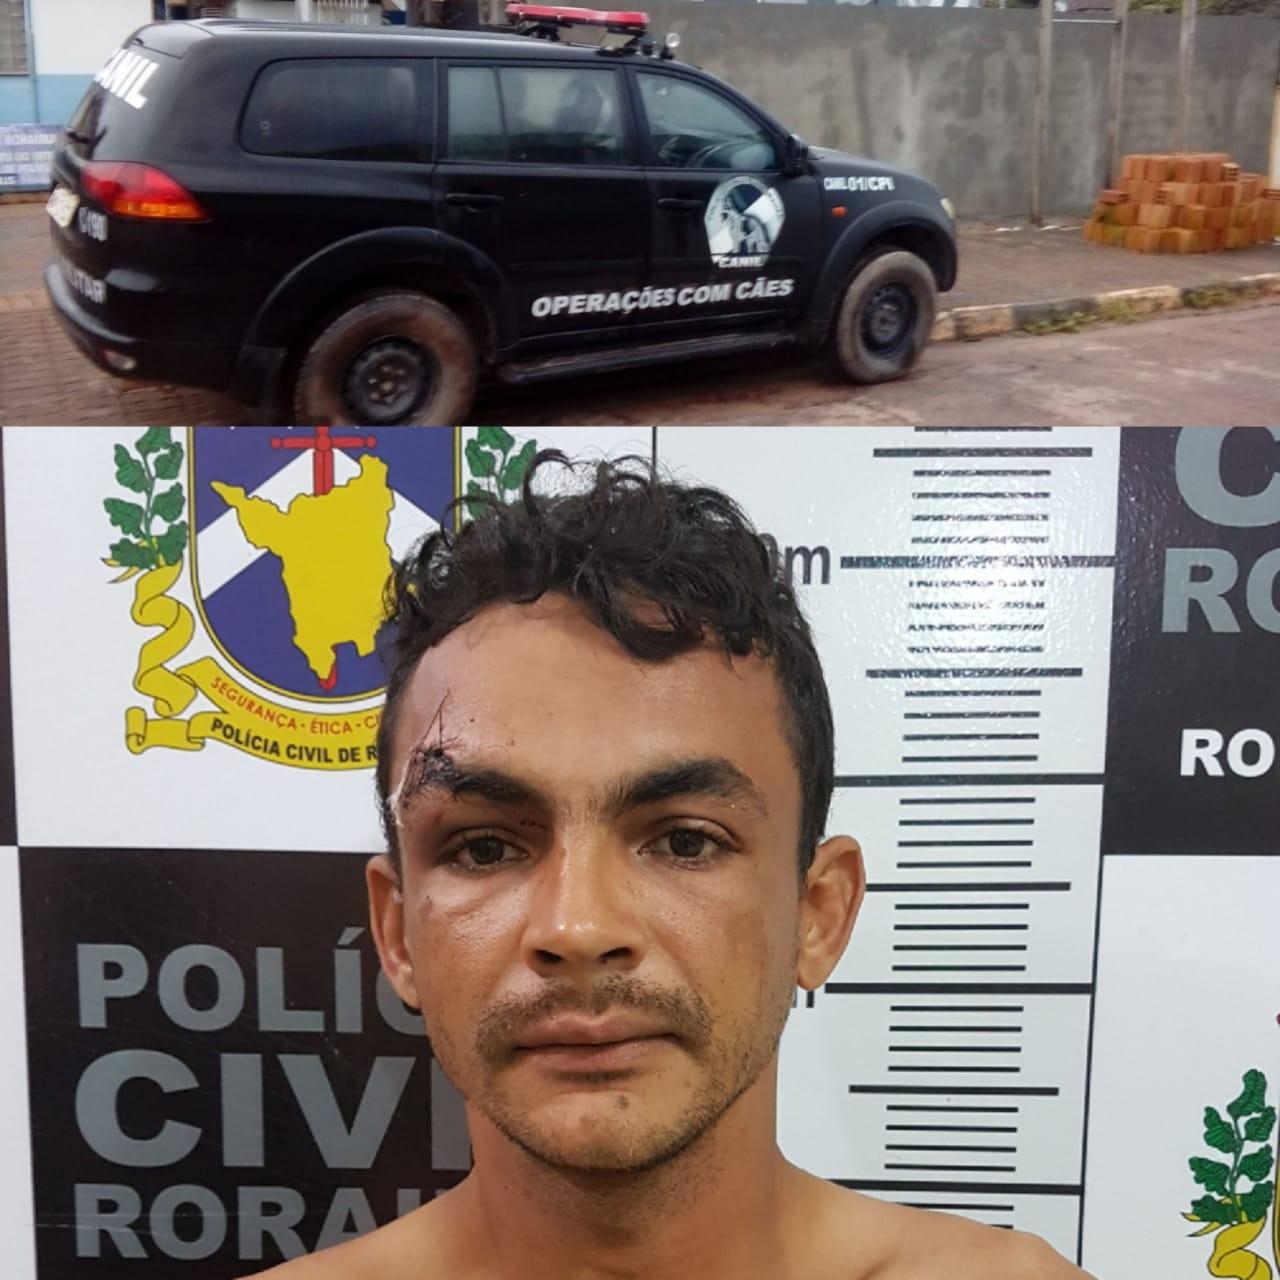 Homem é preso por feminicídio após atacar esposa com golpes de faca no Sul de RR - Notícias - Plantão Diário